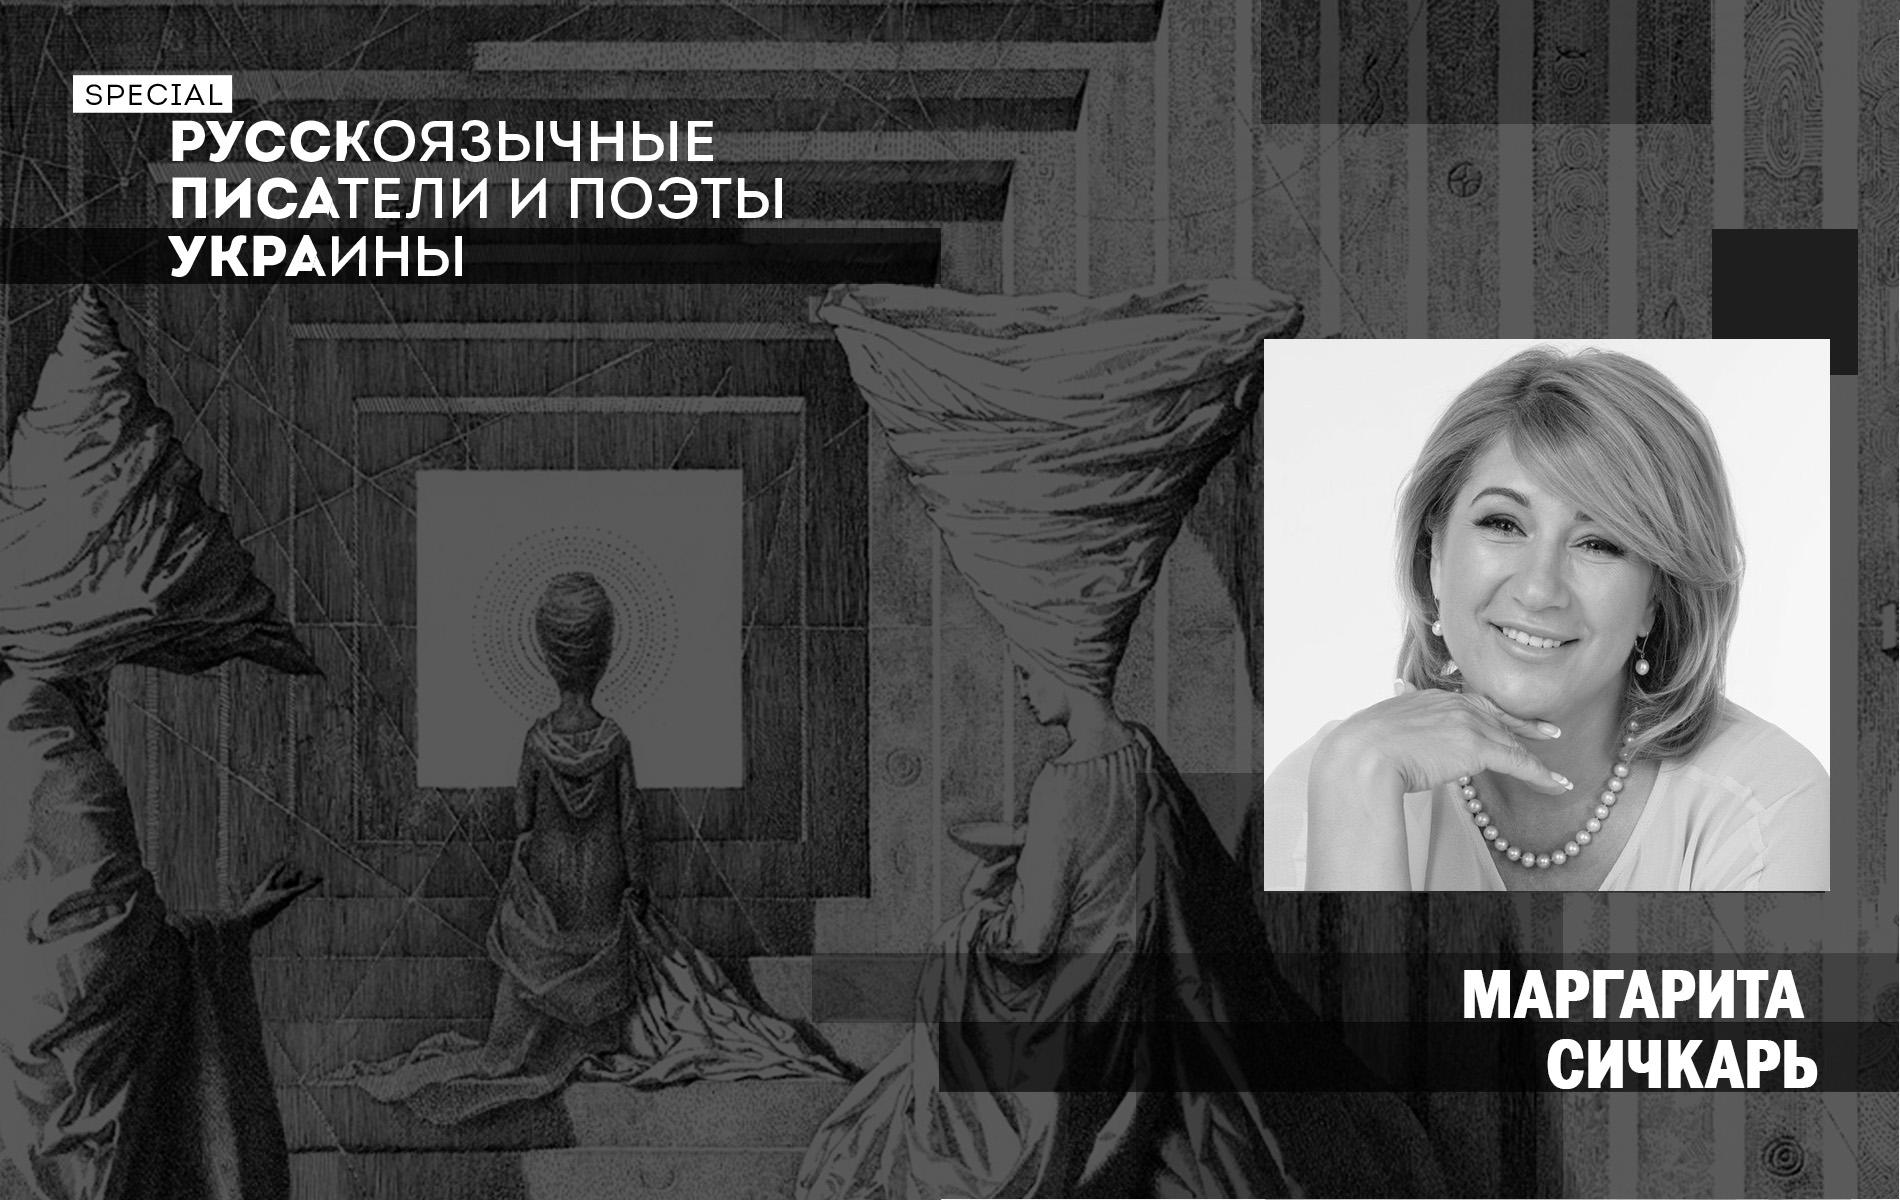 РУССКОЯЗЫЧНЫЕ ПИСАТЕЛИ И ПОЭТЫ УКРАИНЫ: творческое досье Маргариты Сичкарь